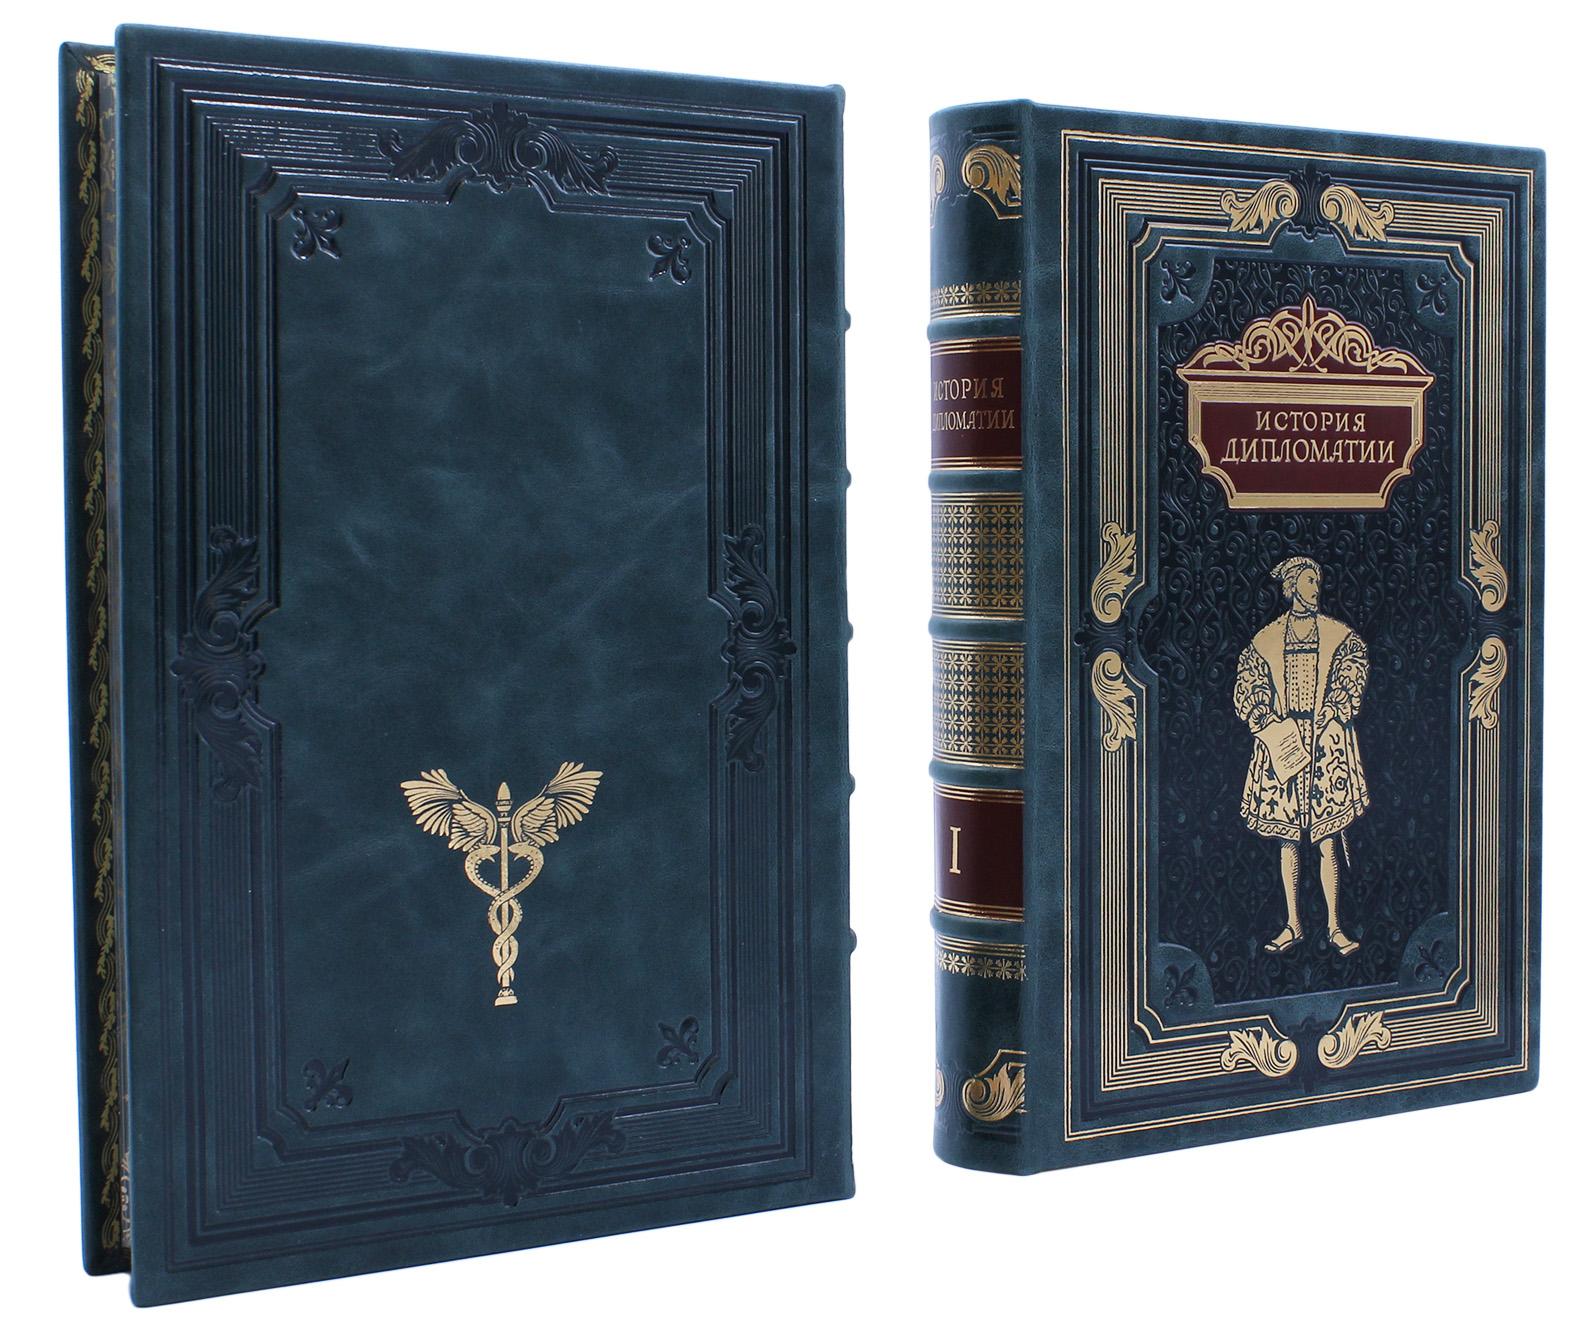 Потемкин История дипломатии, подарочное издание, фото 7